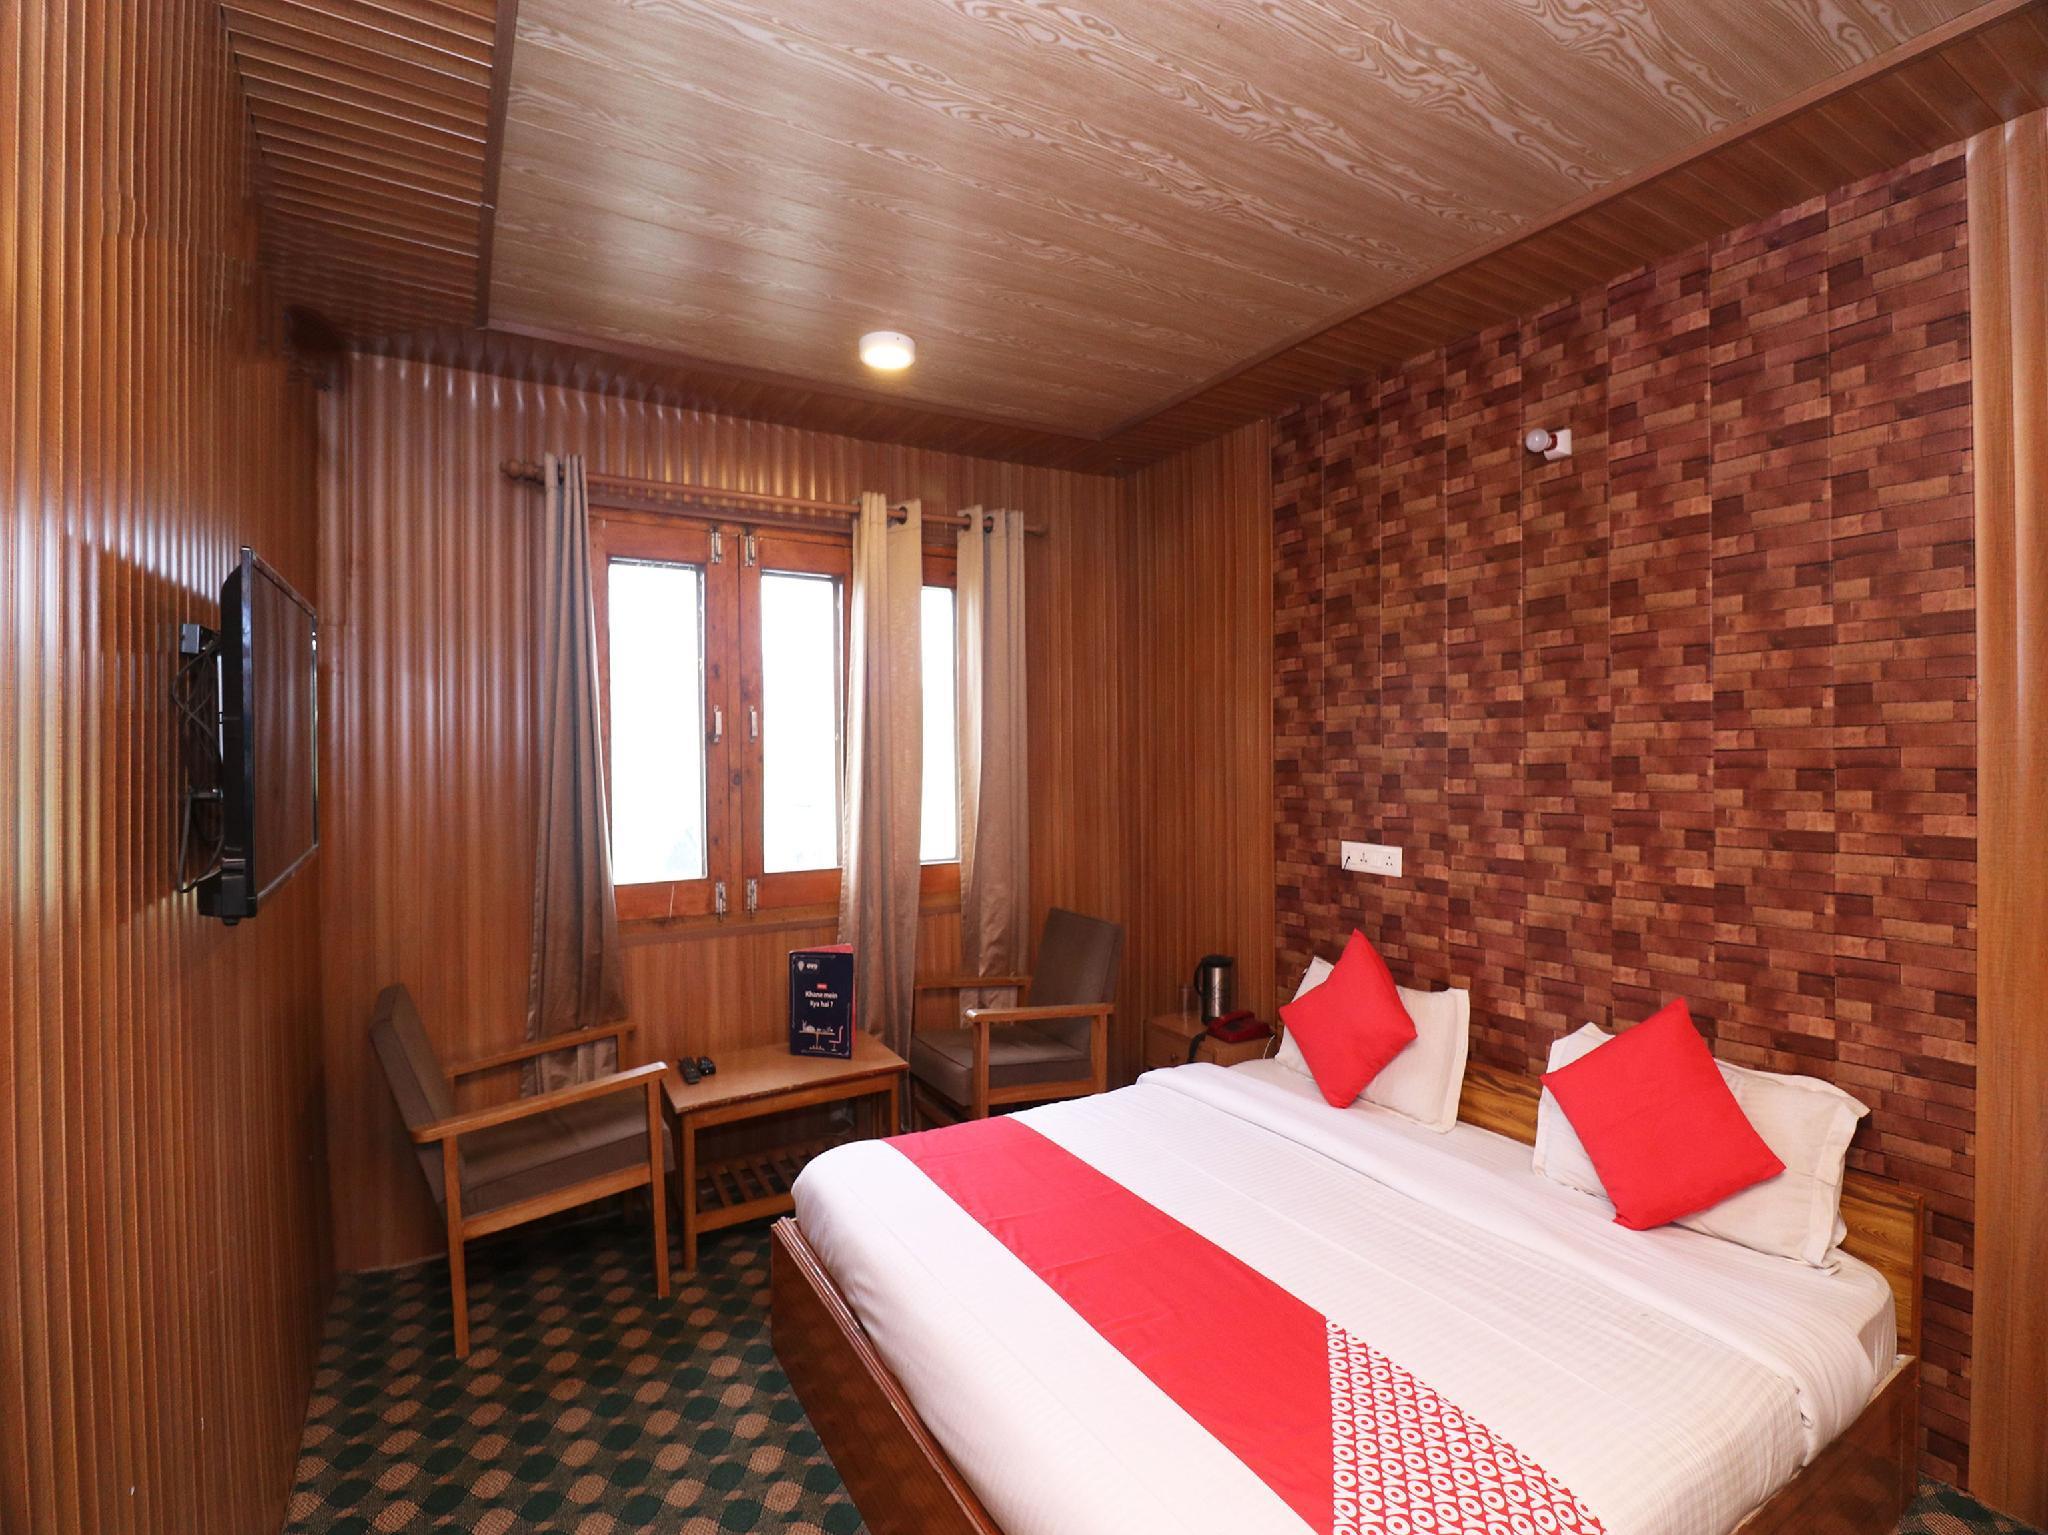 OYO 22464 Hotel Poshwan, Baramulla